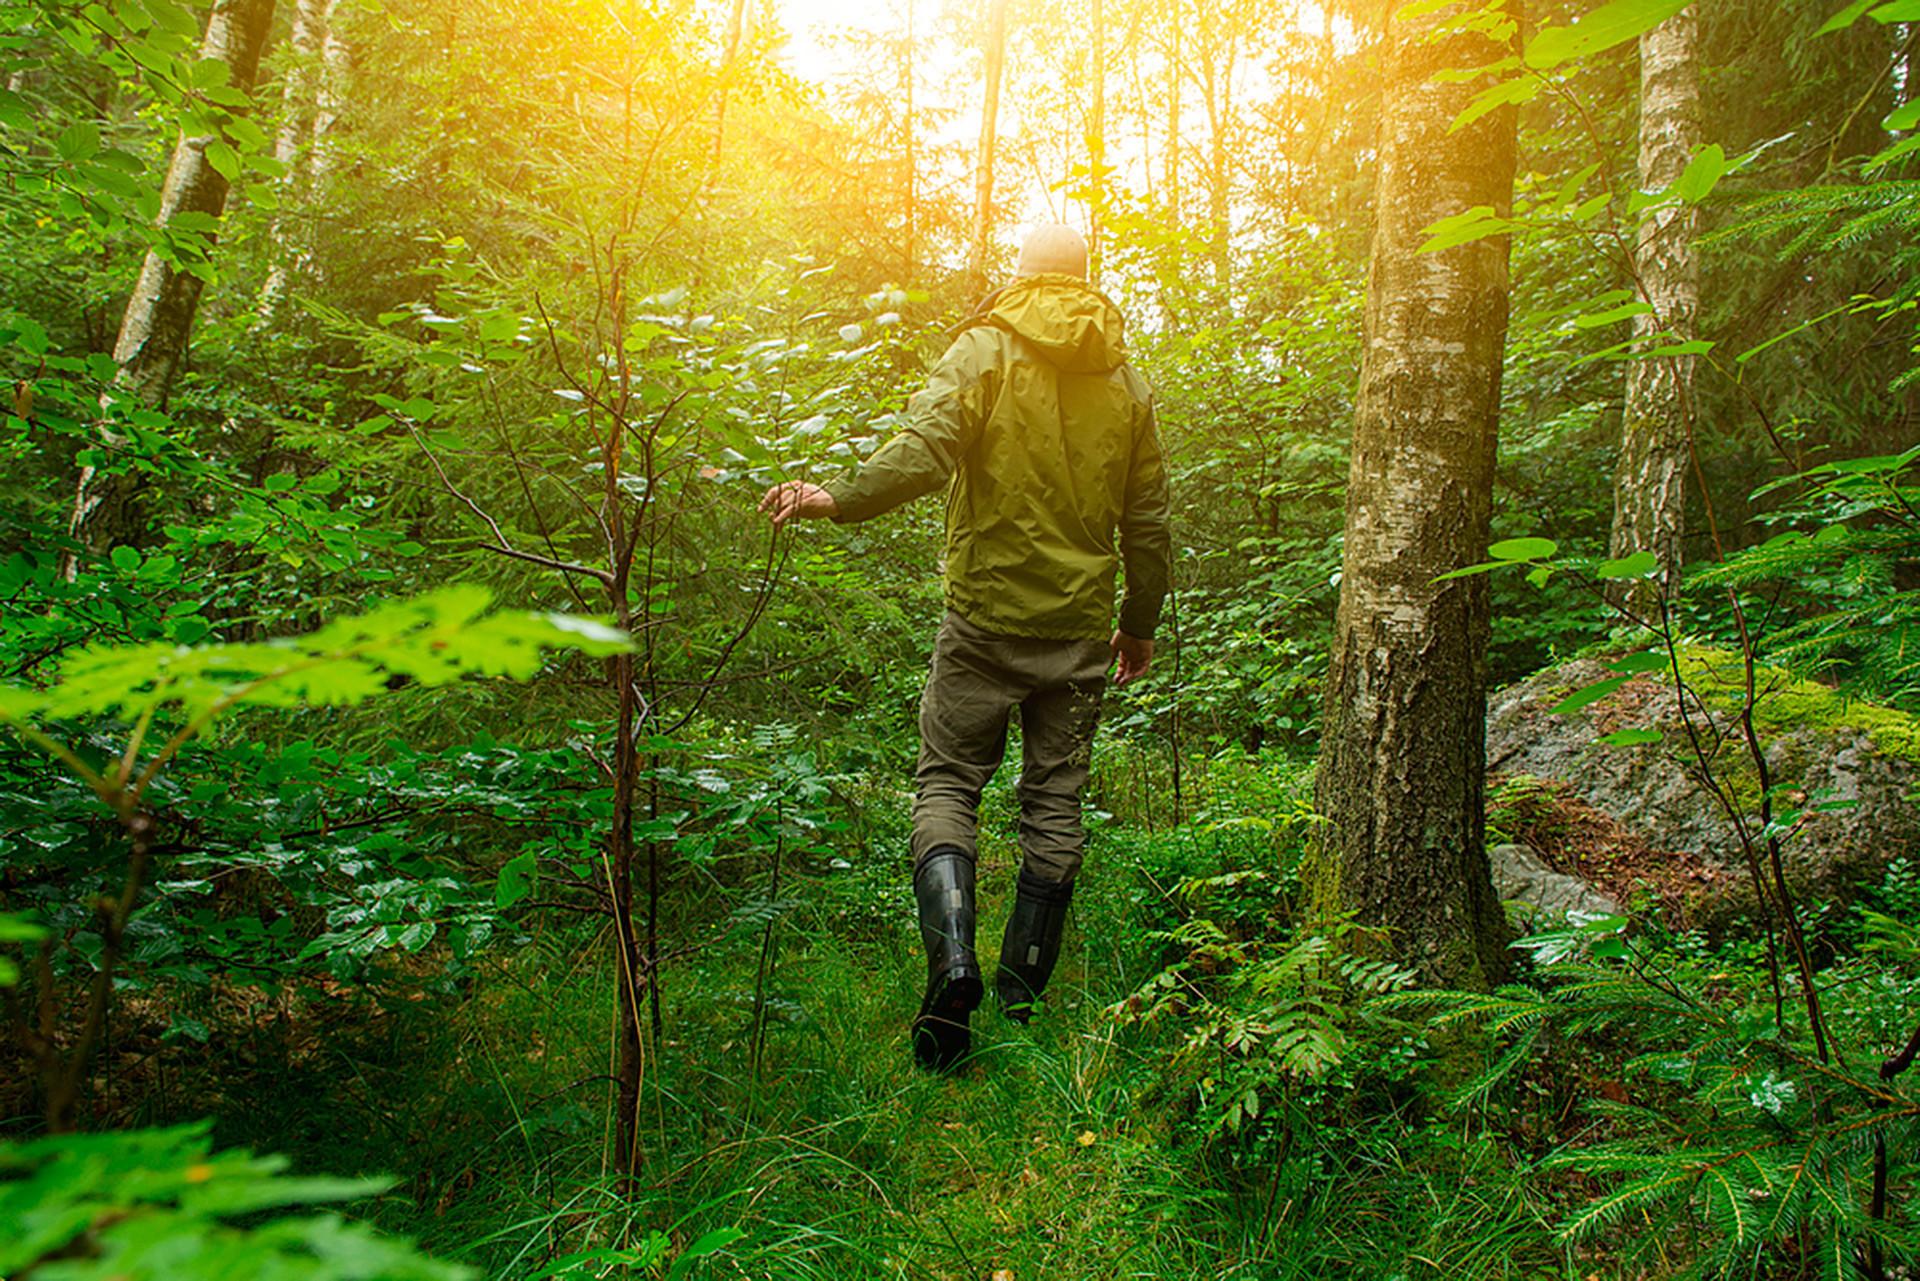 Čovjek hoda kroz gustu šumu.